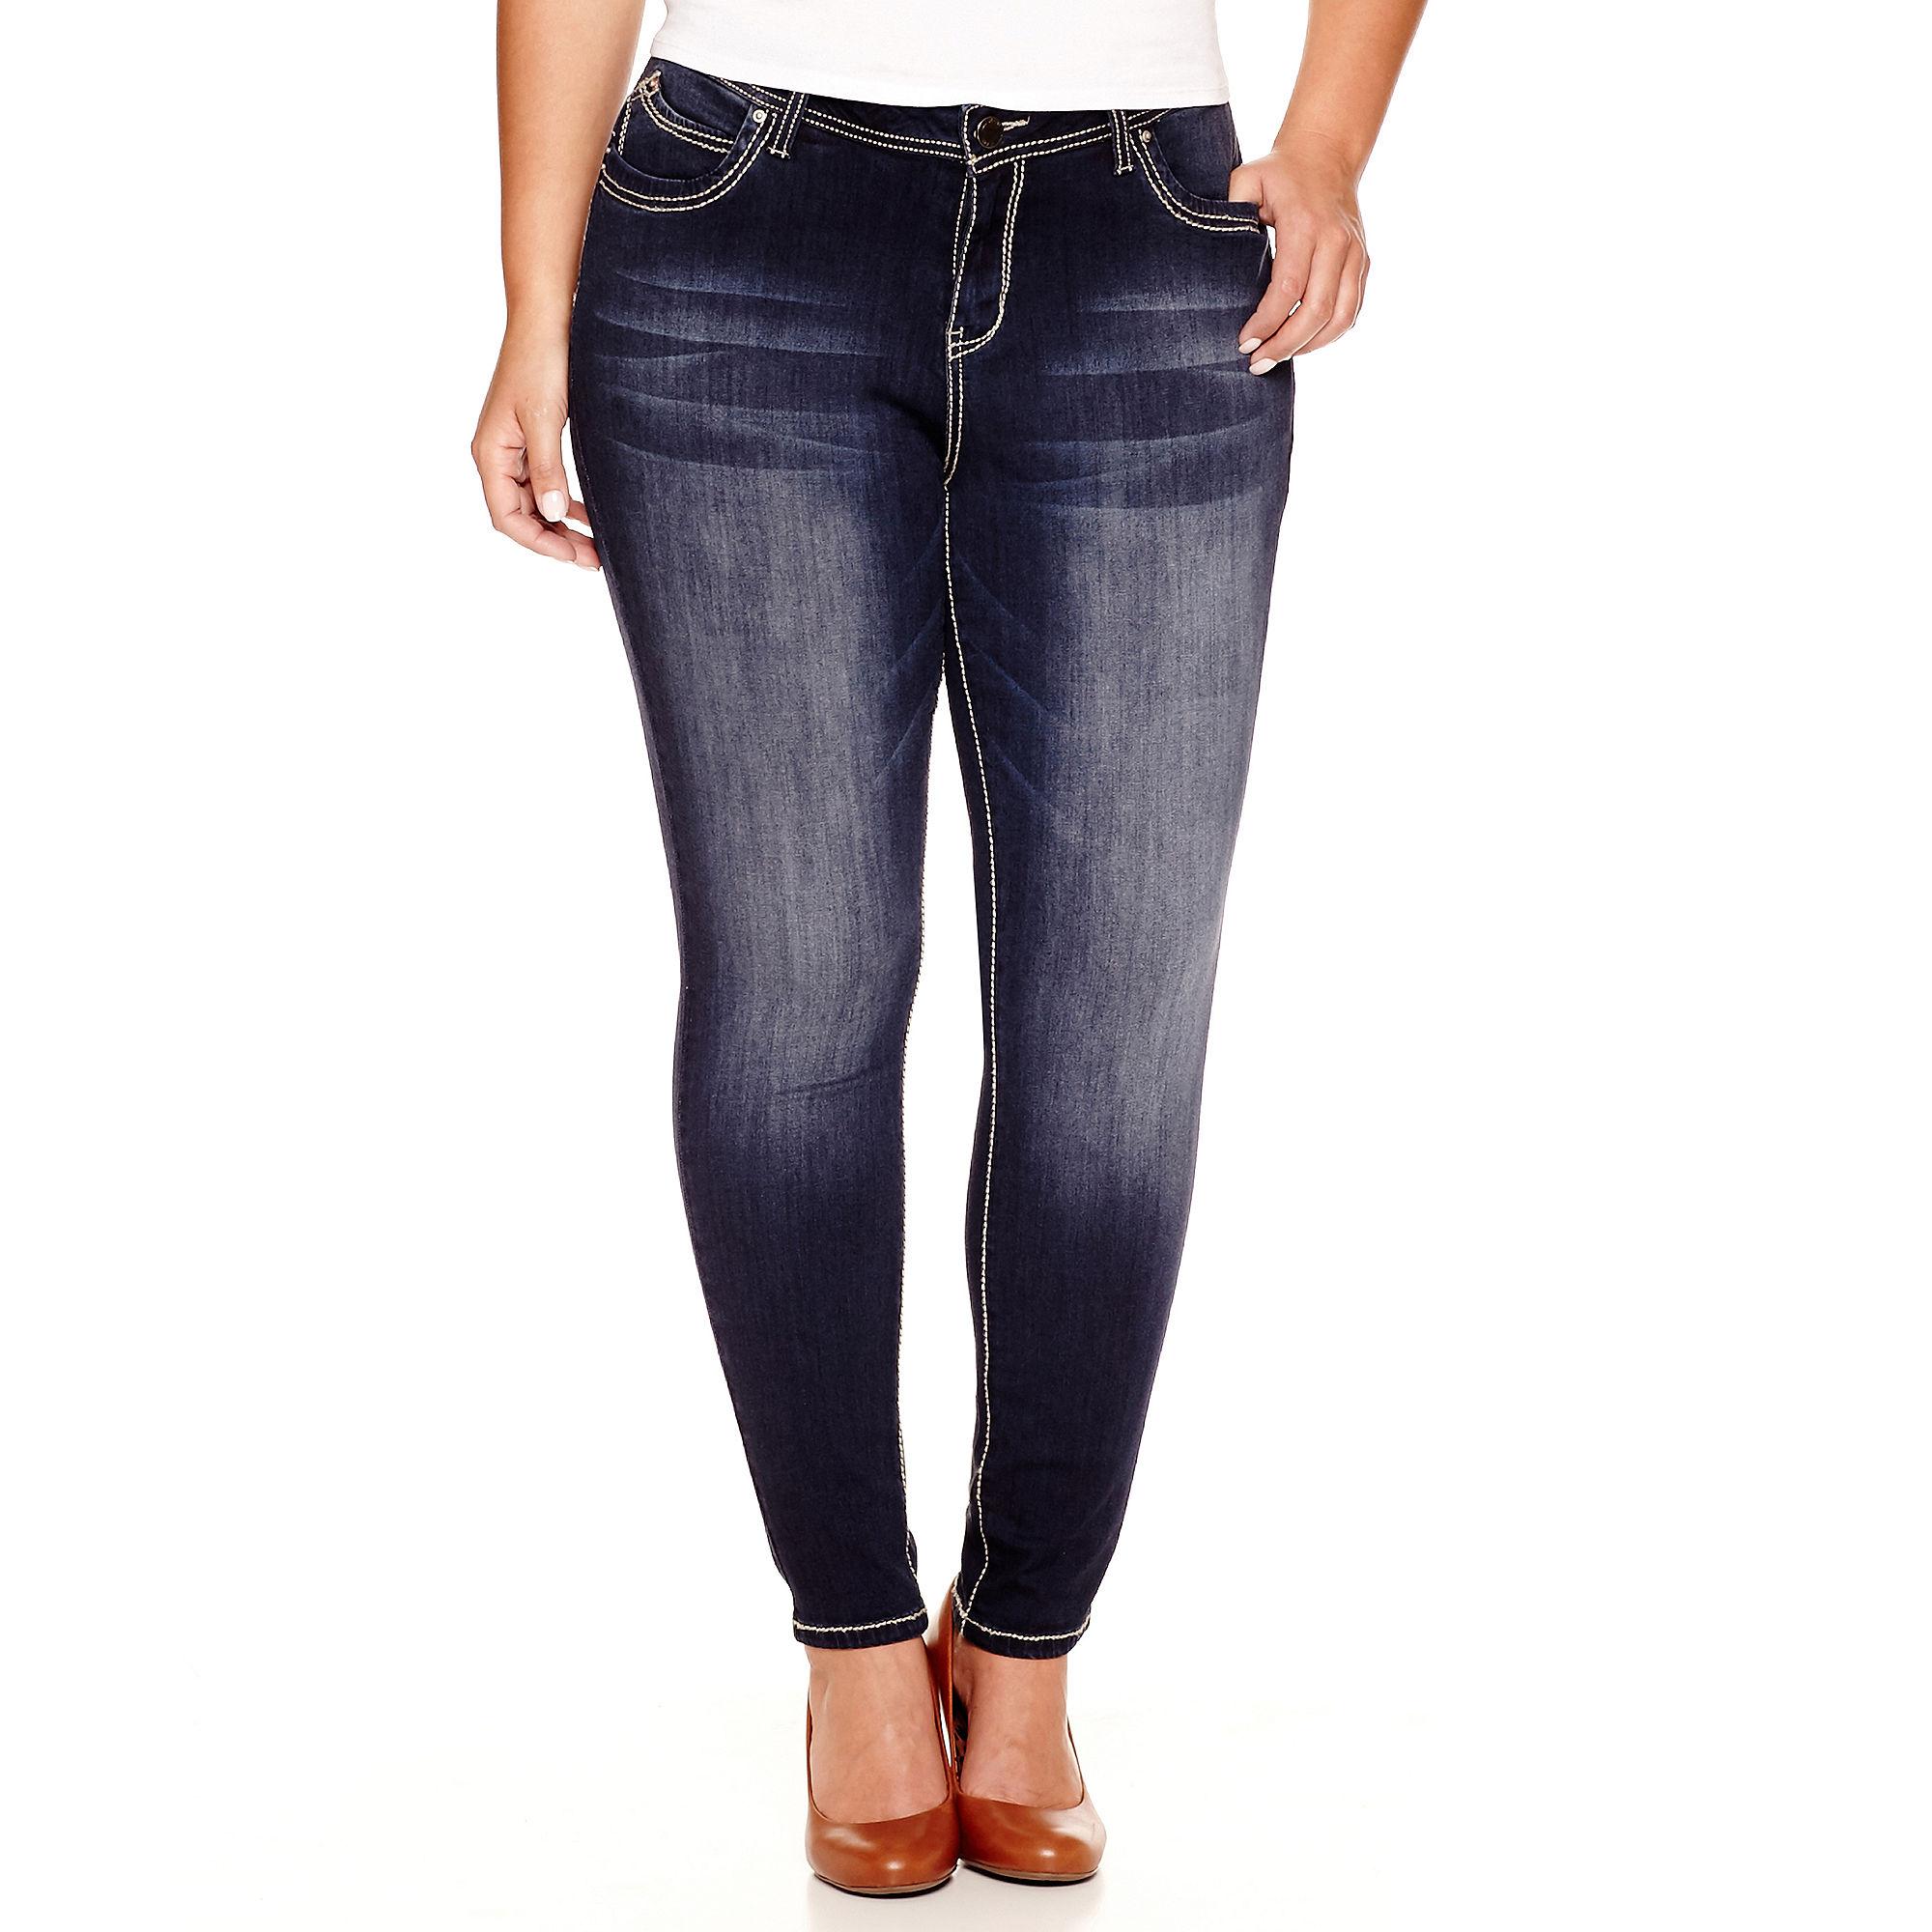 YMI Wanna Betta Butt Skinny Jeans - Juniors Plus